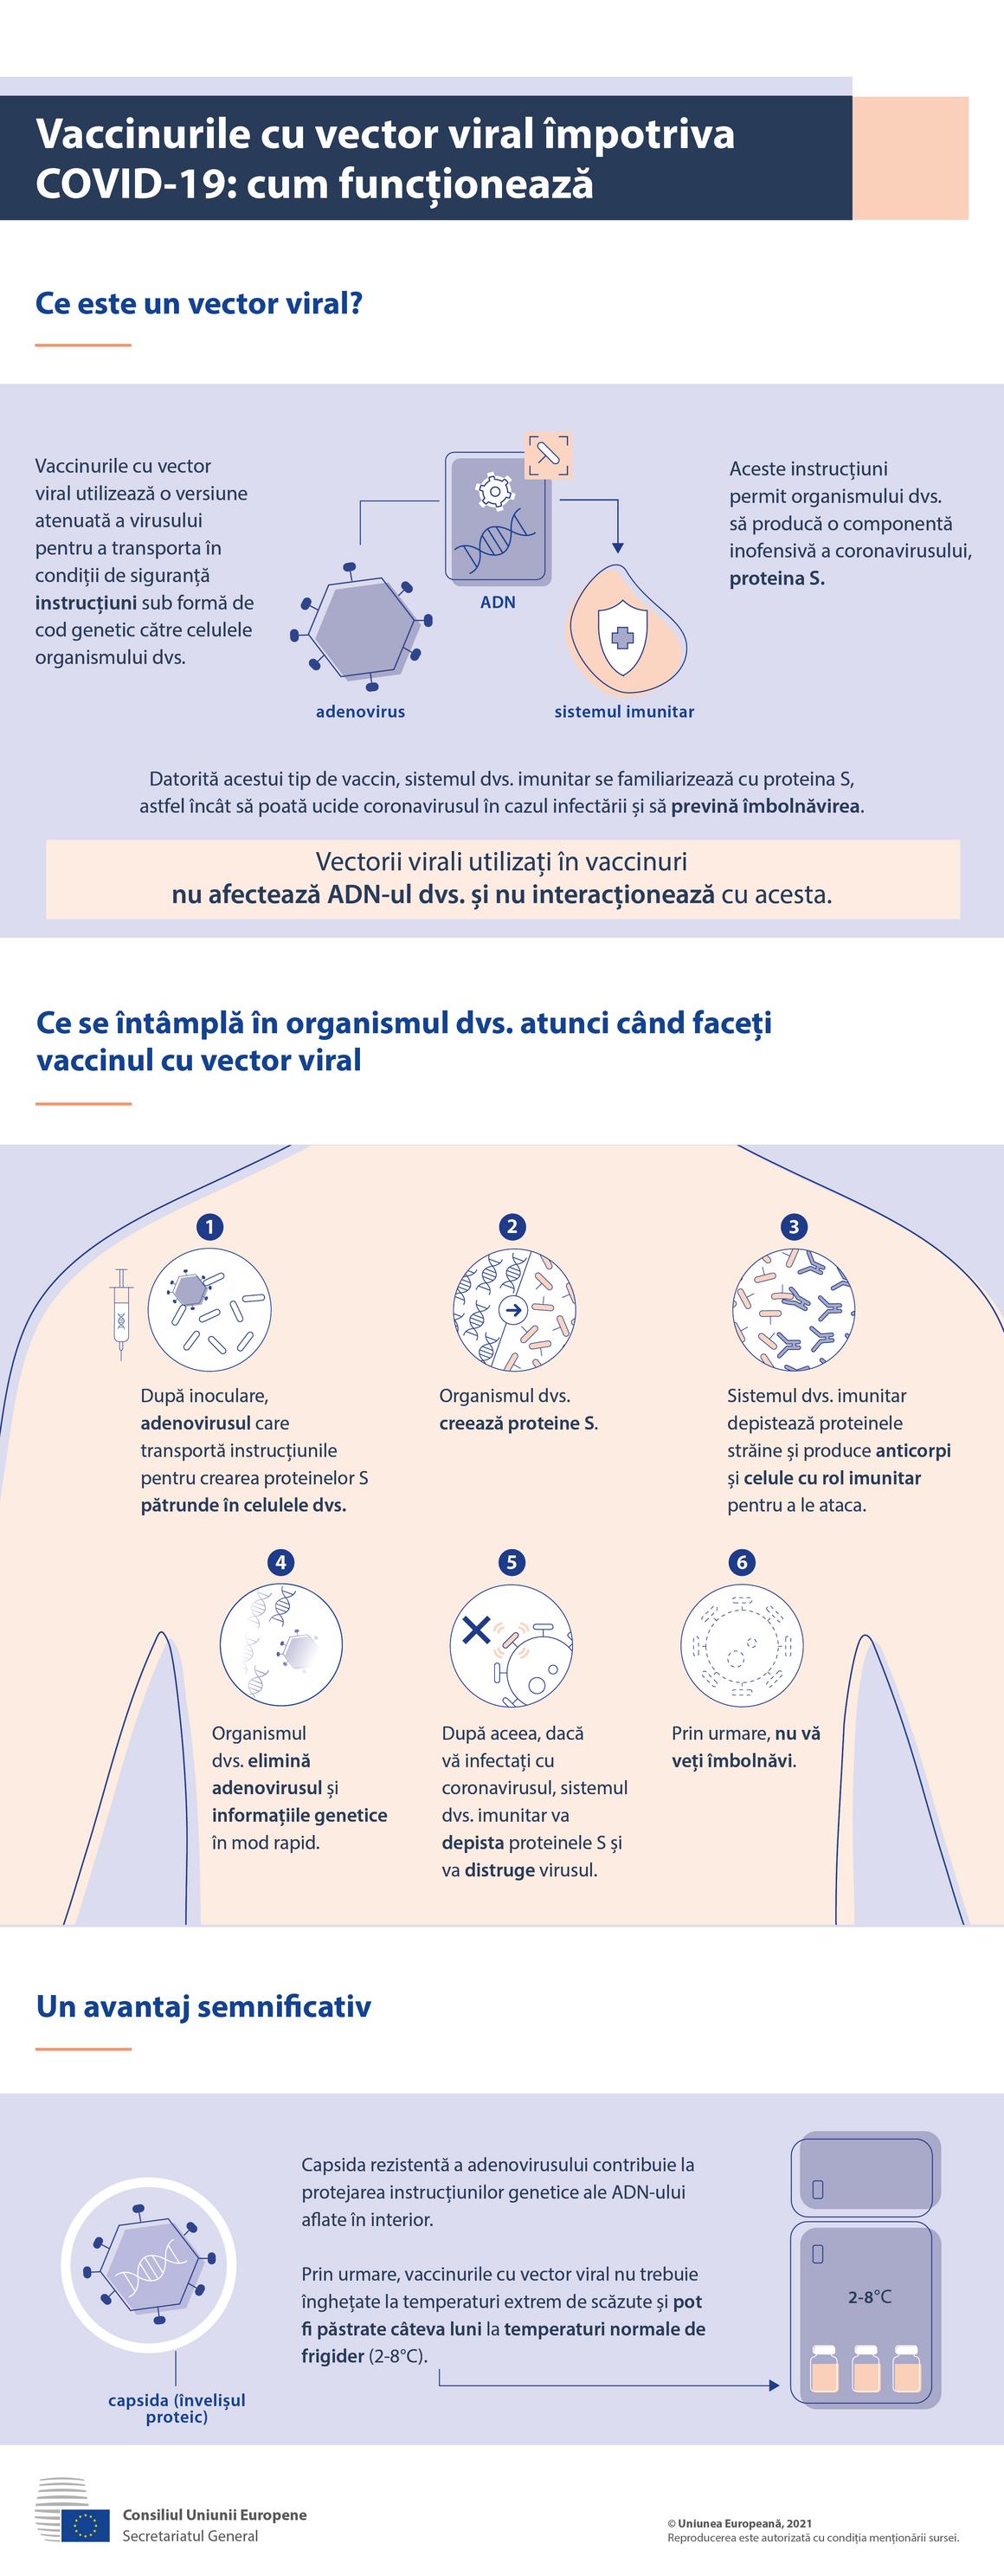 Infografic - Vaccinuri cu vector viral împotriva COVID-19: cum acționează